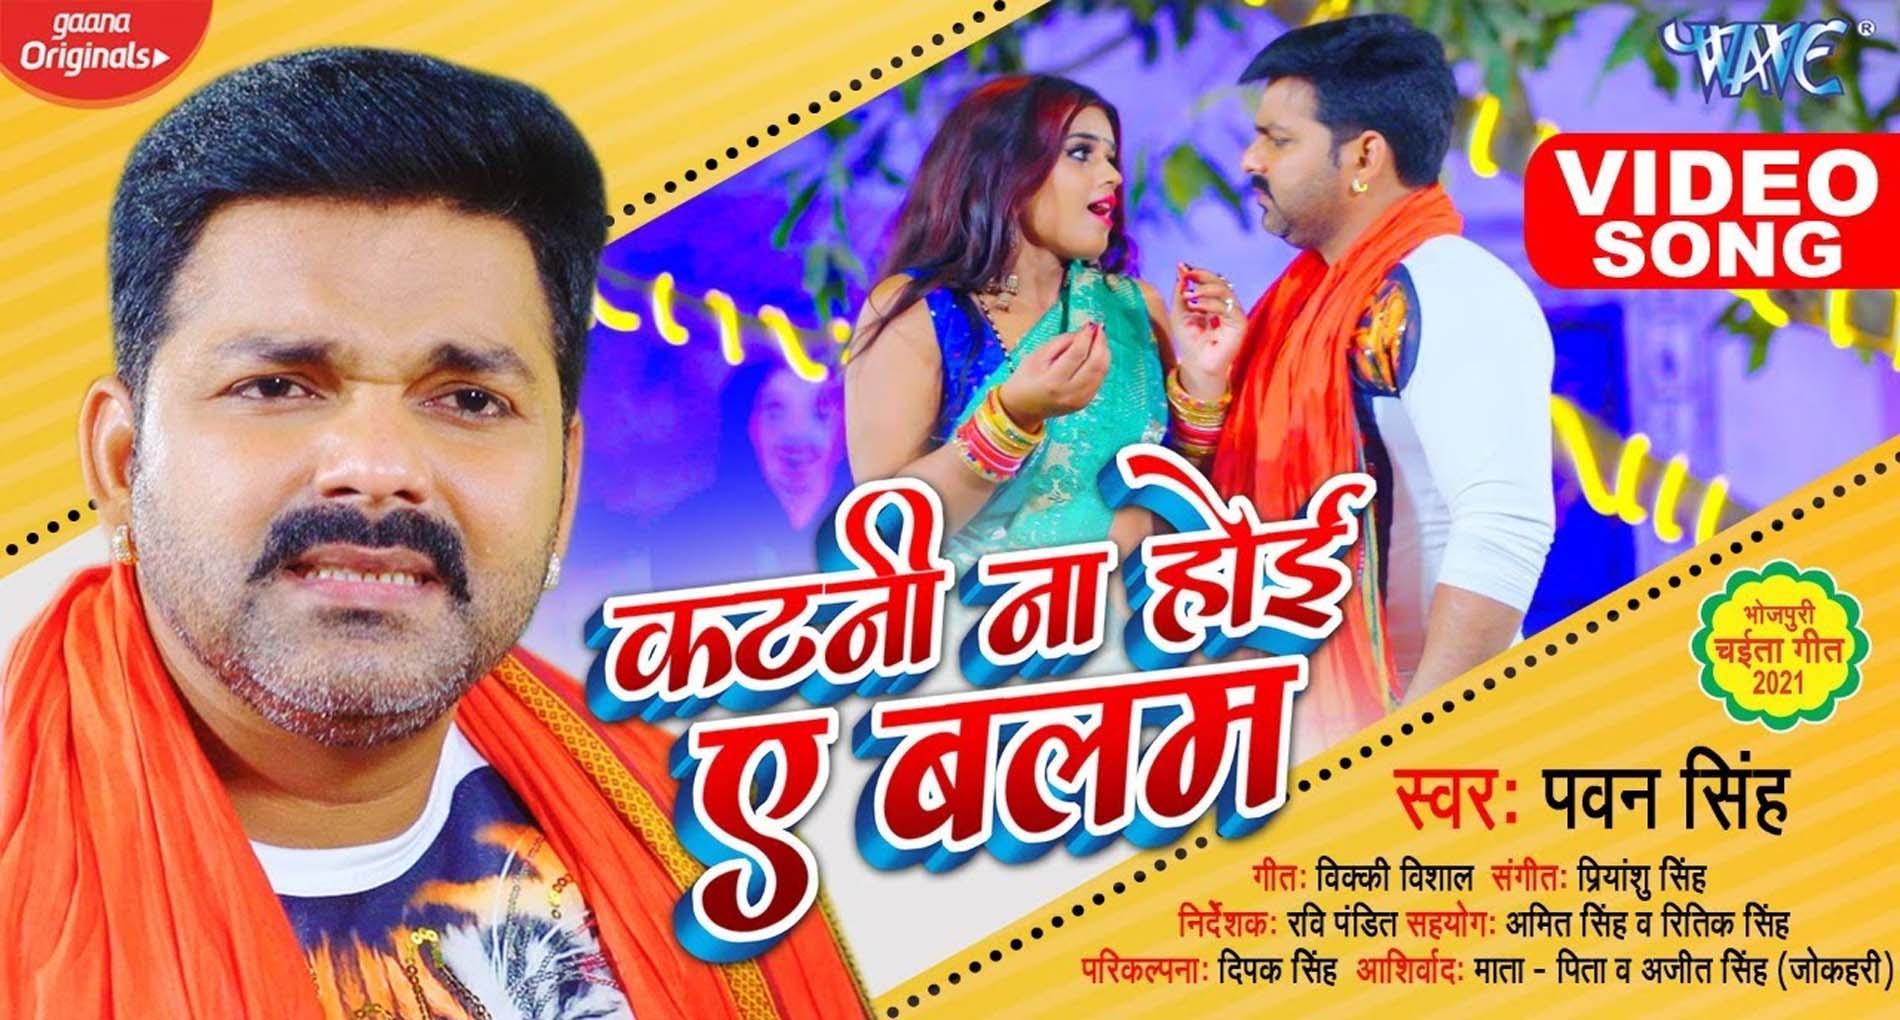 Pawan Singh Bhojpuri Song: पवन सिंह का नया गाना 'कटनी ना होई ए बलम' हुआ वायरल!